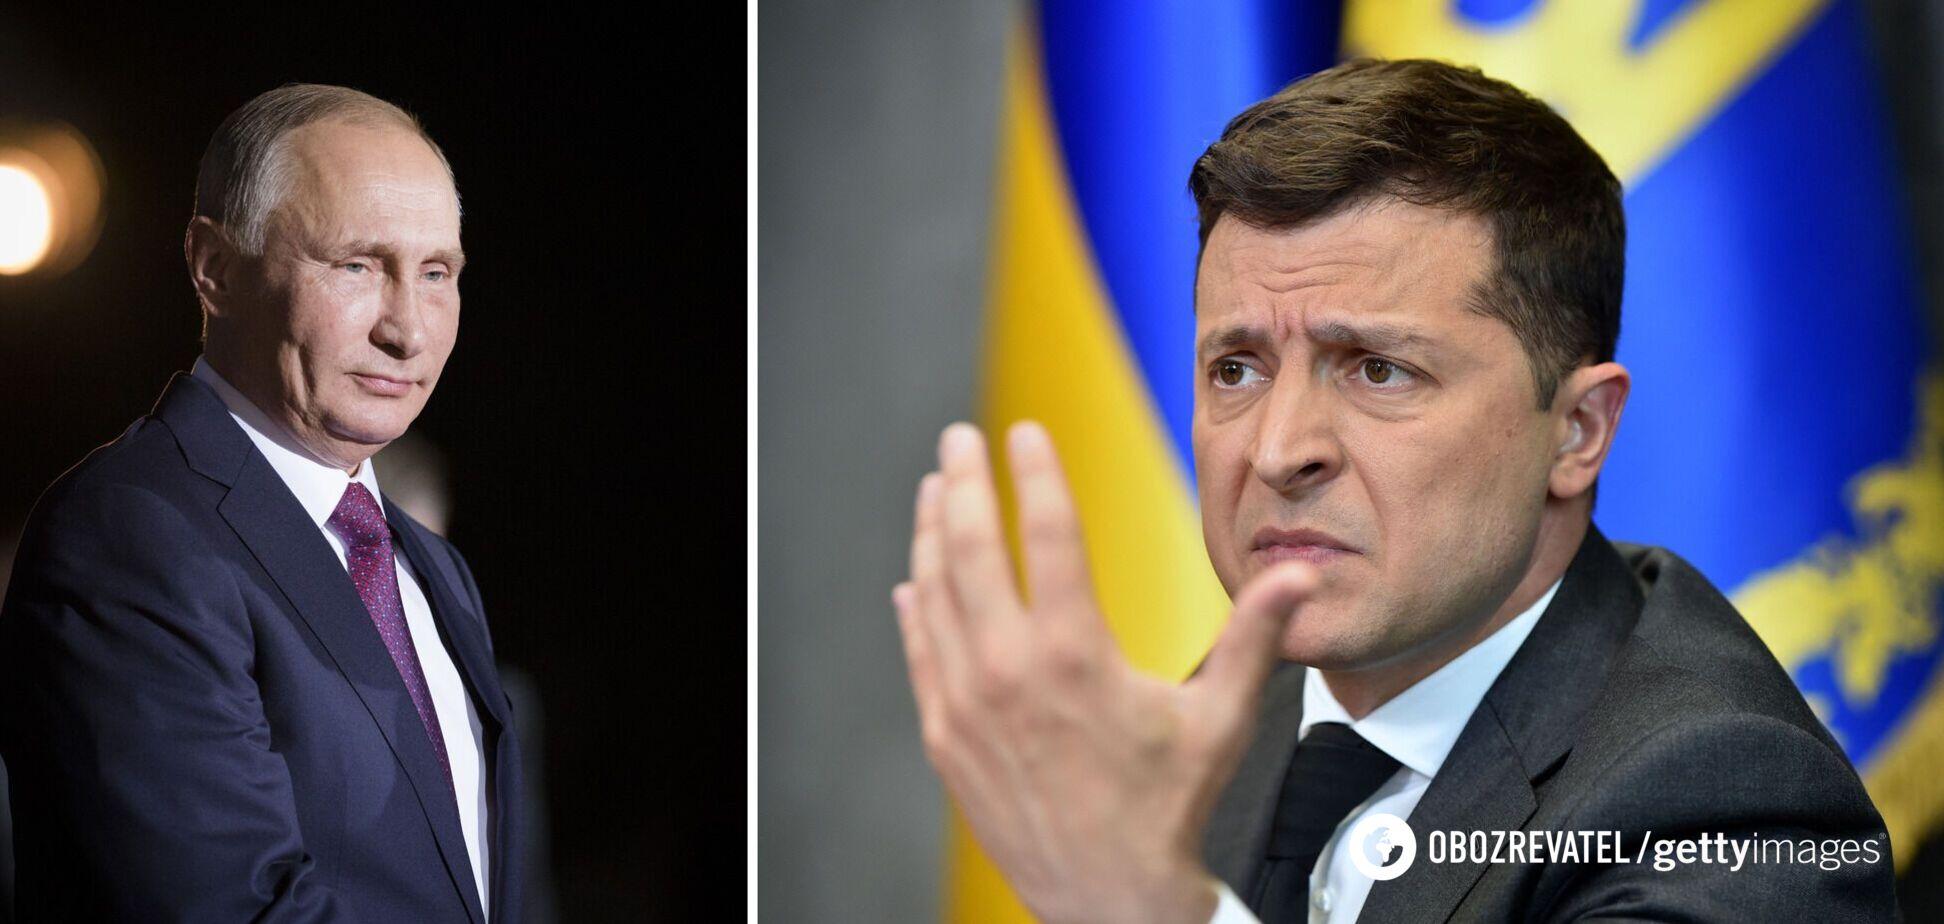 Зеленский – о возможности переговоров с Путиным: у меня очень открытая позиция